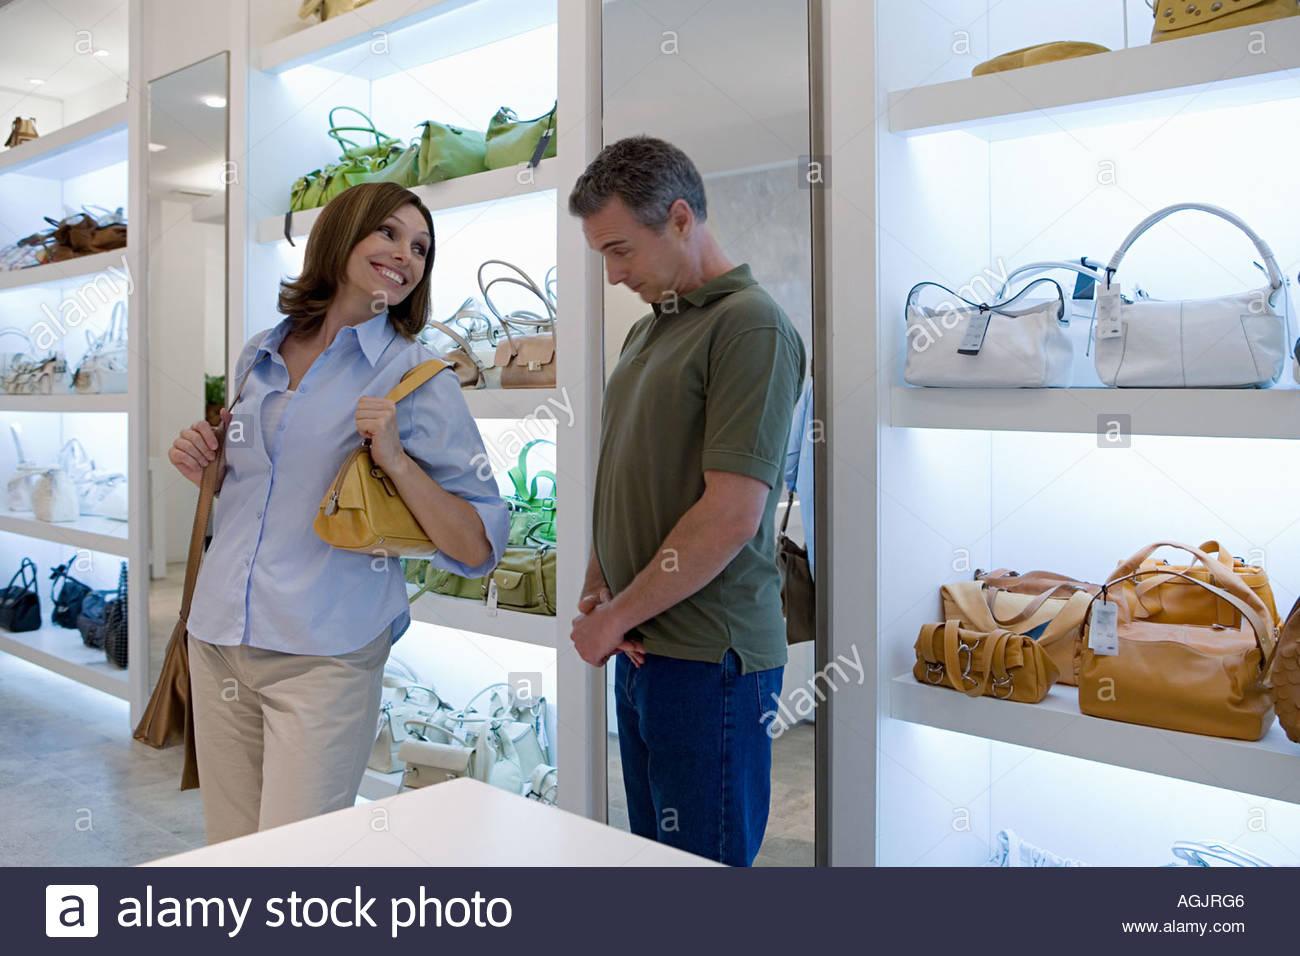 Couple shopping - Stock Image